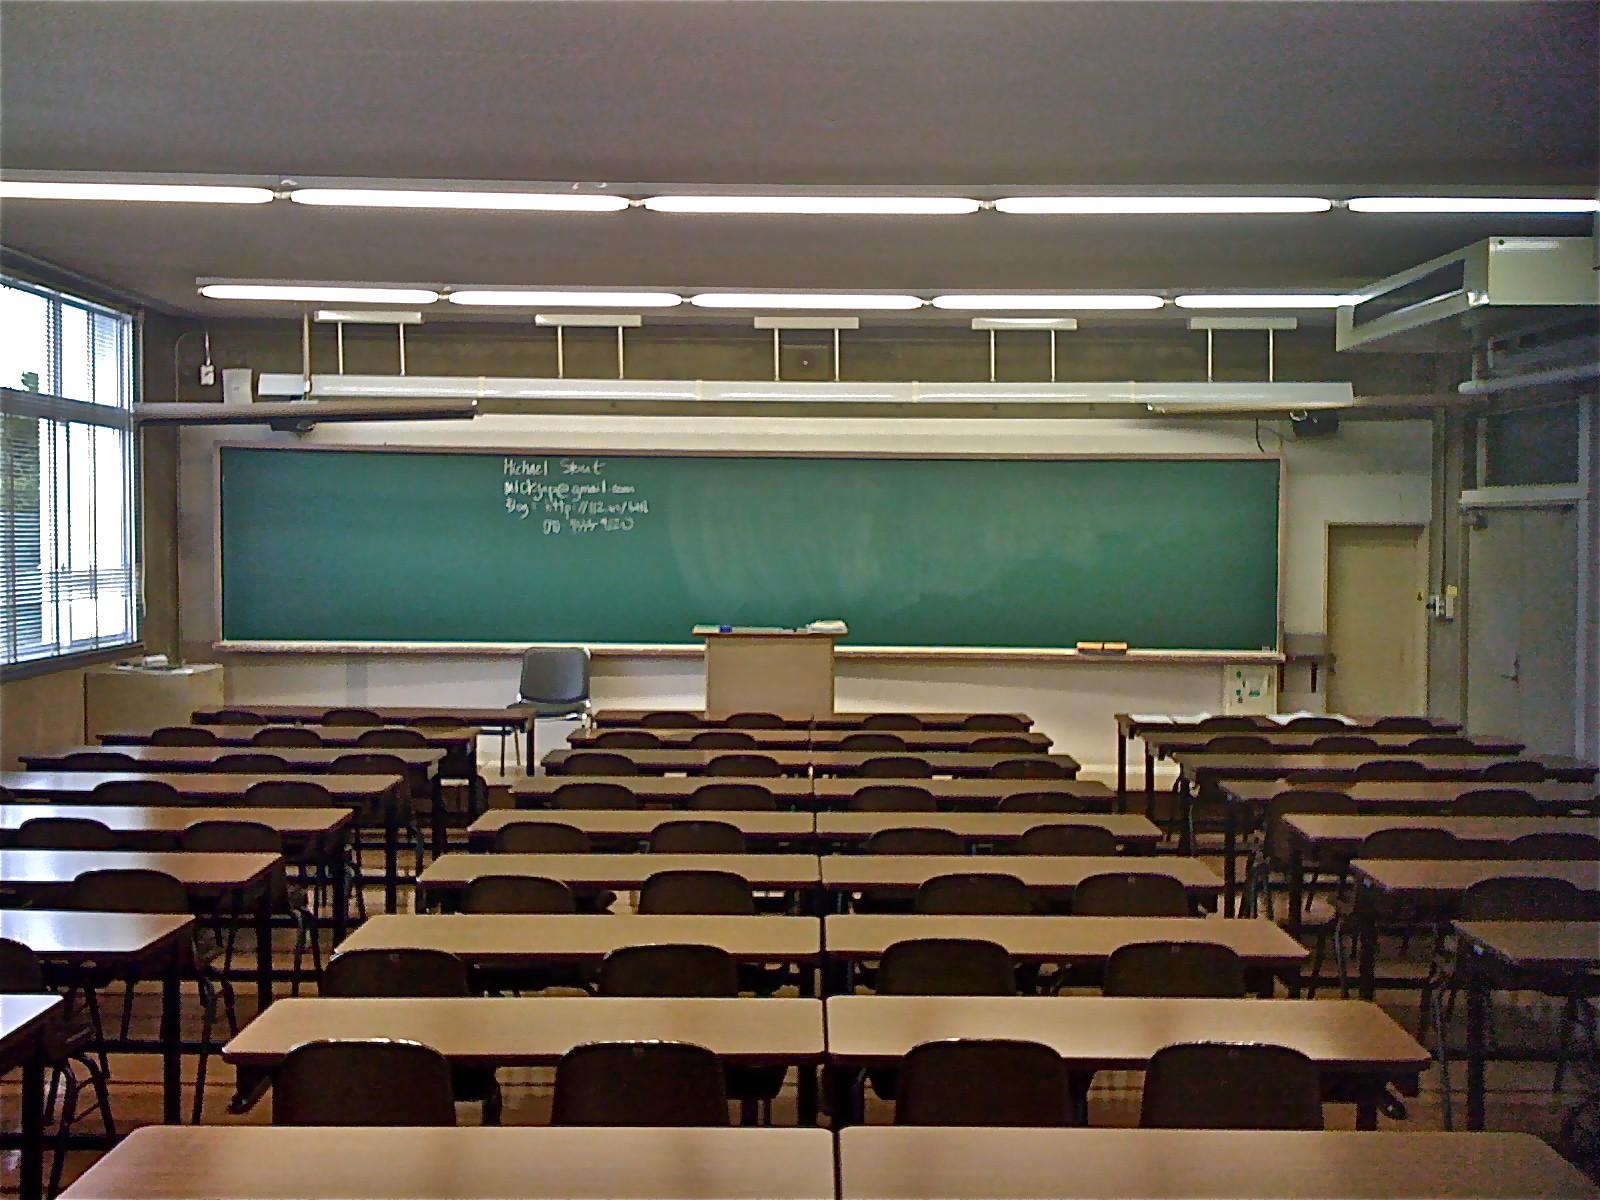 Neden Öğrencilere Okul Sıkıcı Geliyor